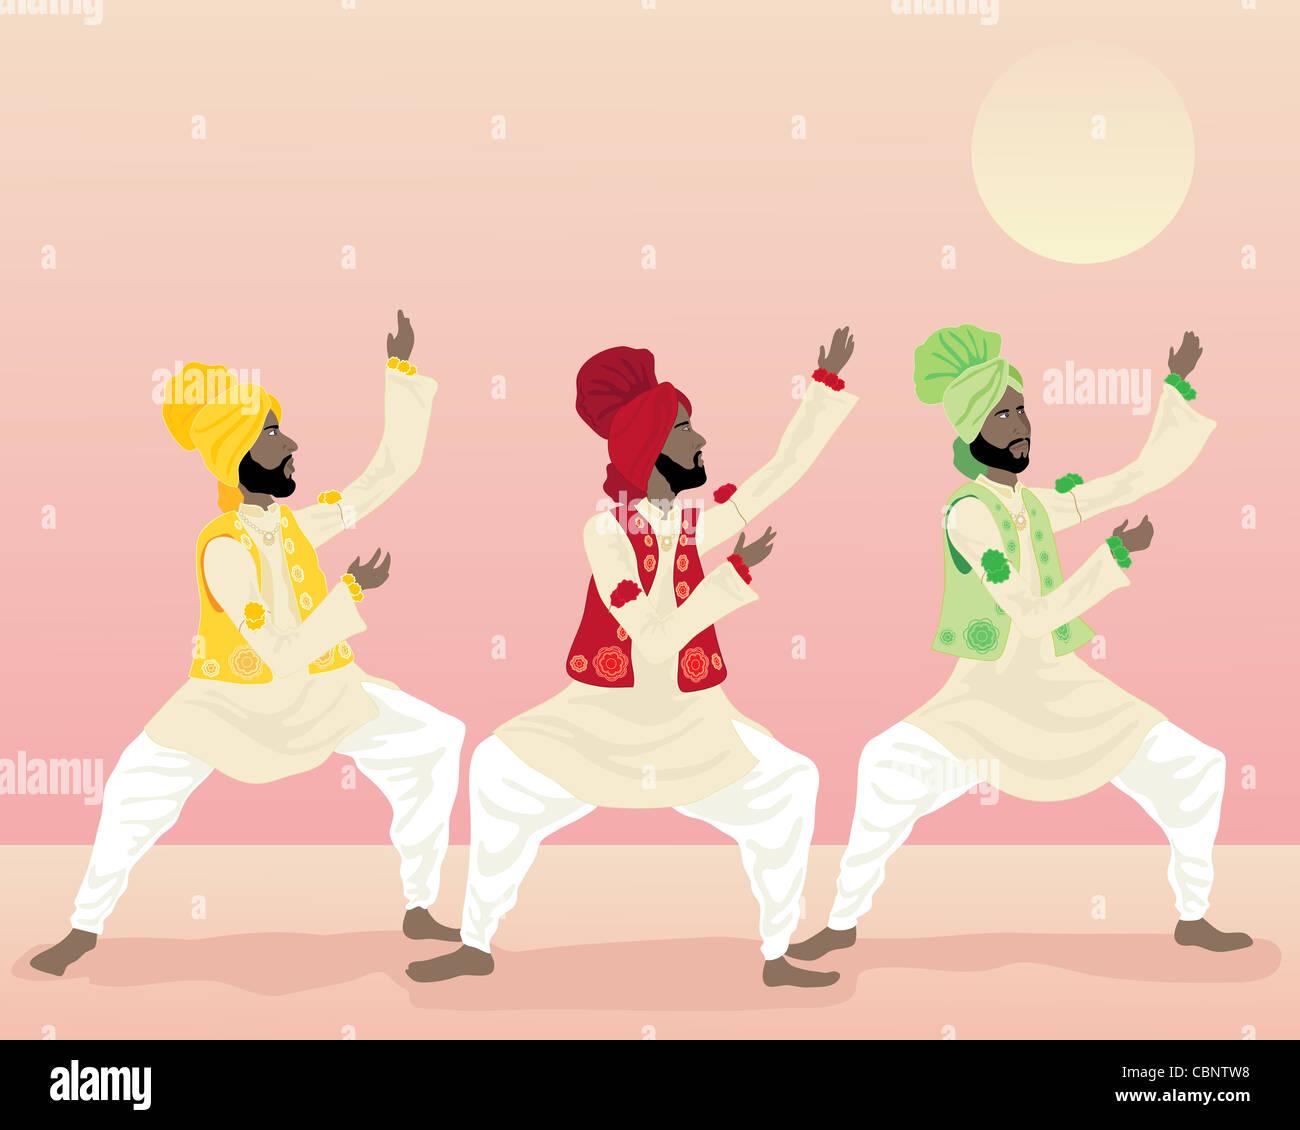 Punjabi Dancing Imágenes De Stock & Punjabi Dancing Fotos De Stock ...